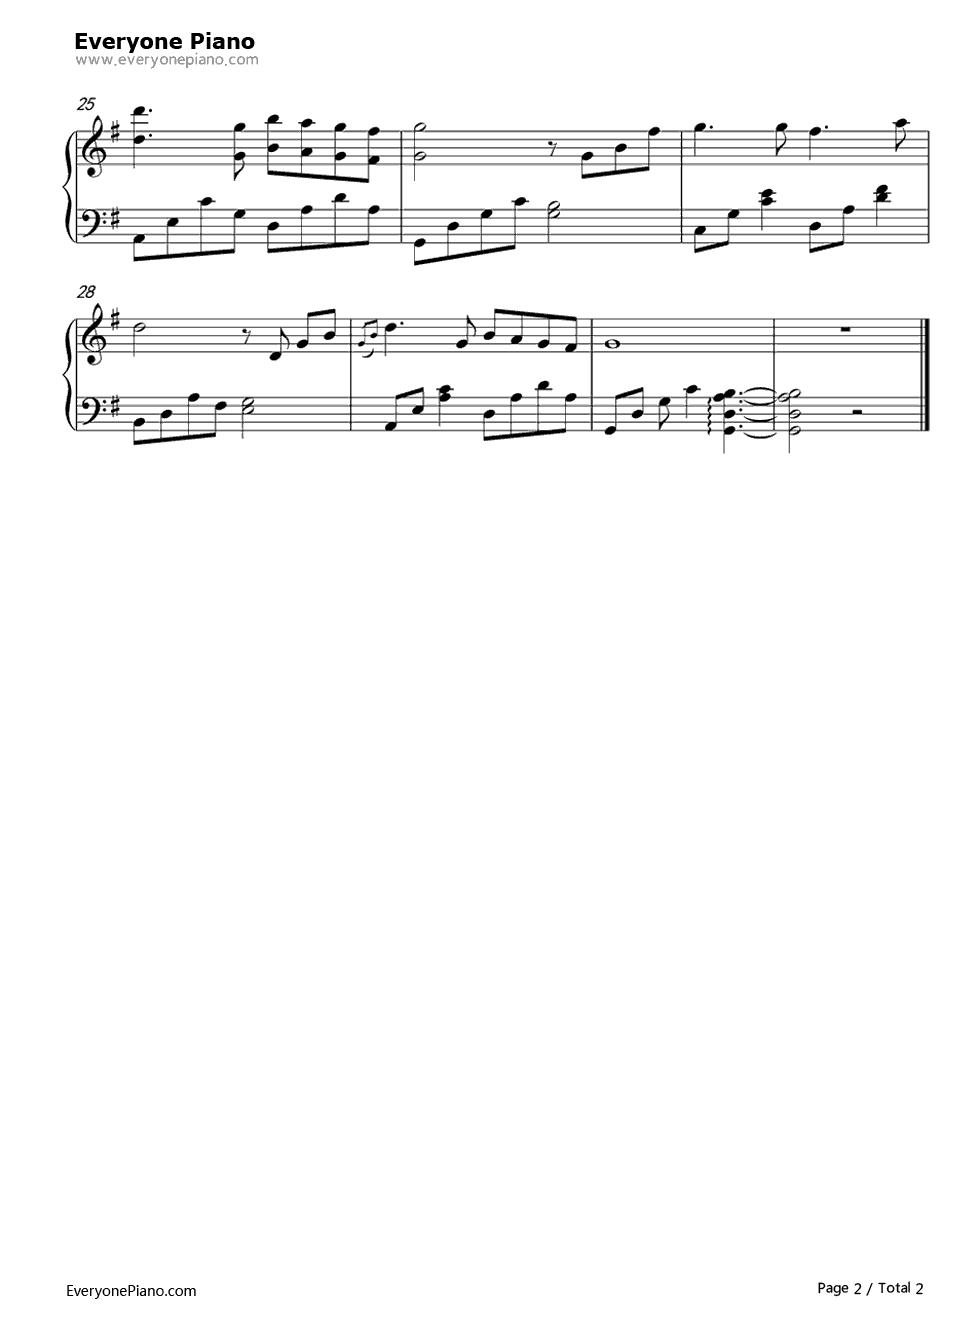 钢琴曲谱 流行 周杰伦婚礼音乐-周杰伦 周杰伦婚礼音乐-周杰伦五线谱